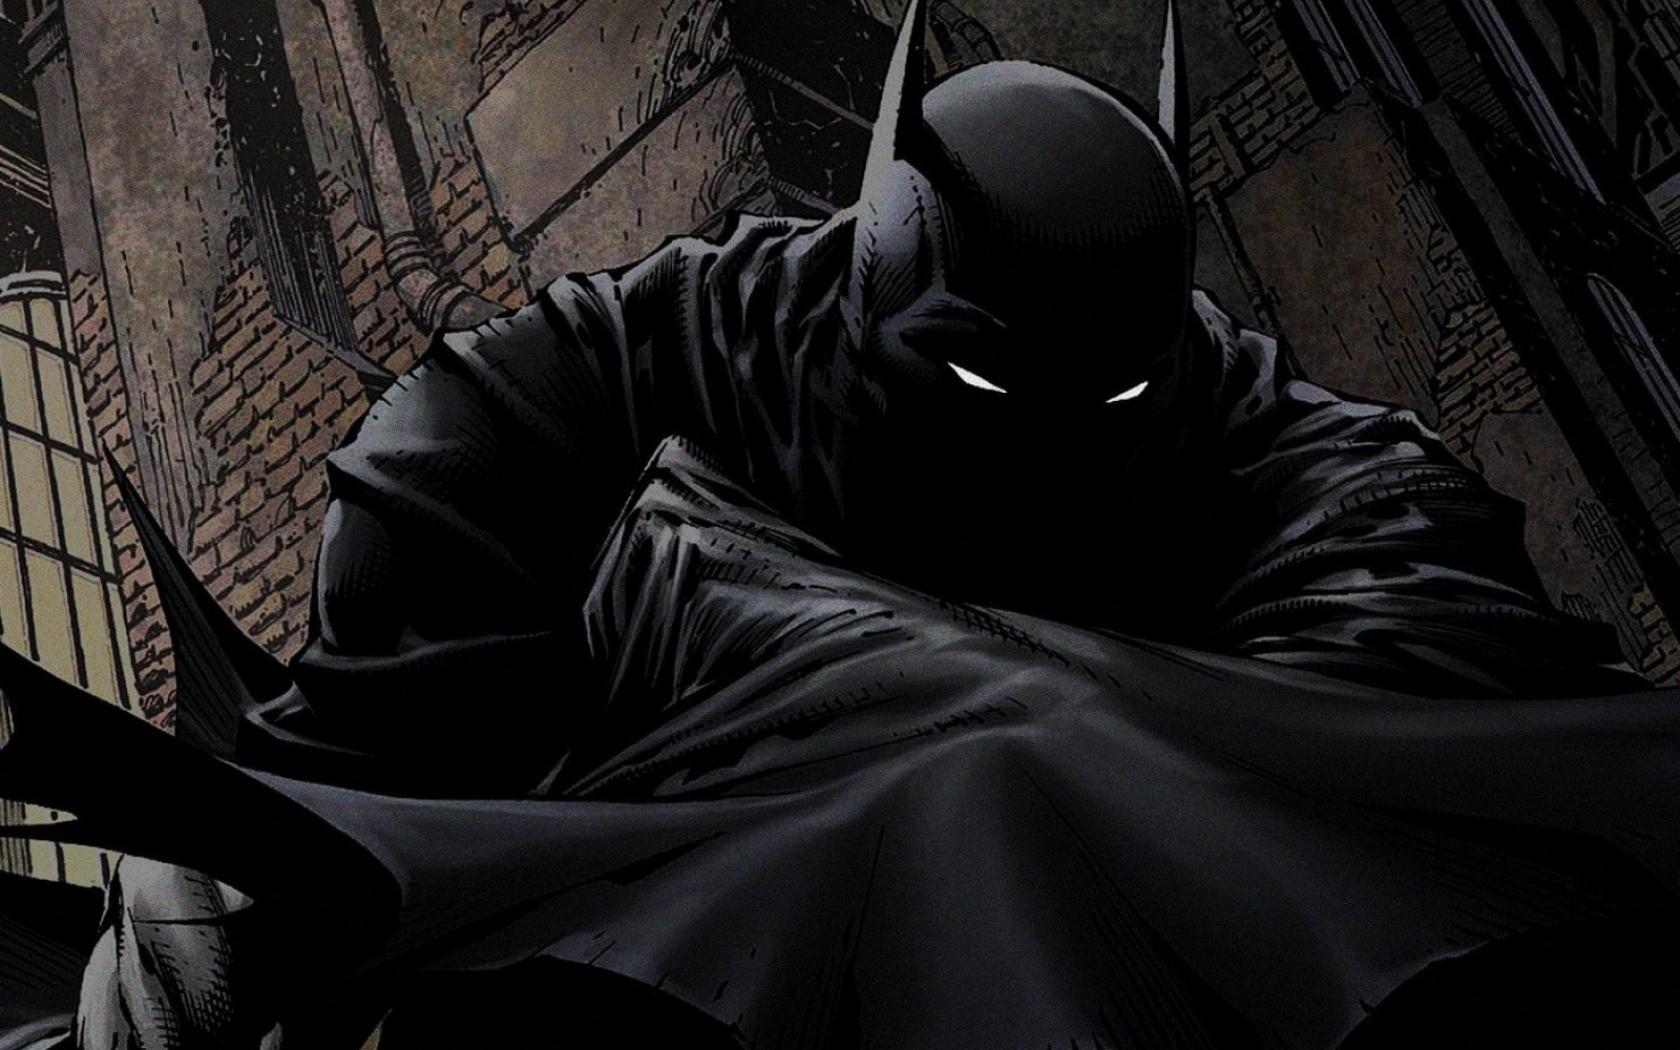 New 52 Batman Wallpaper